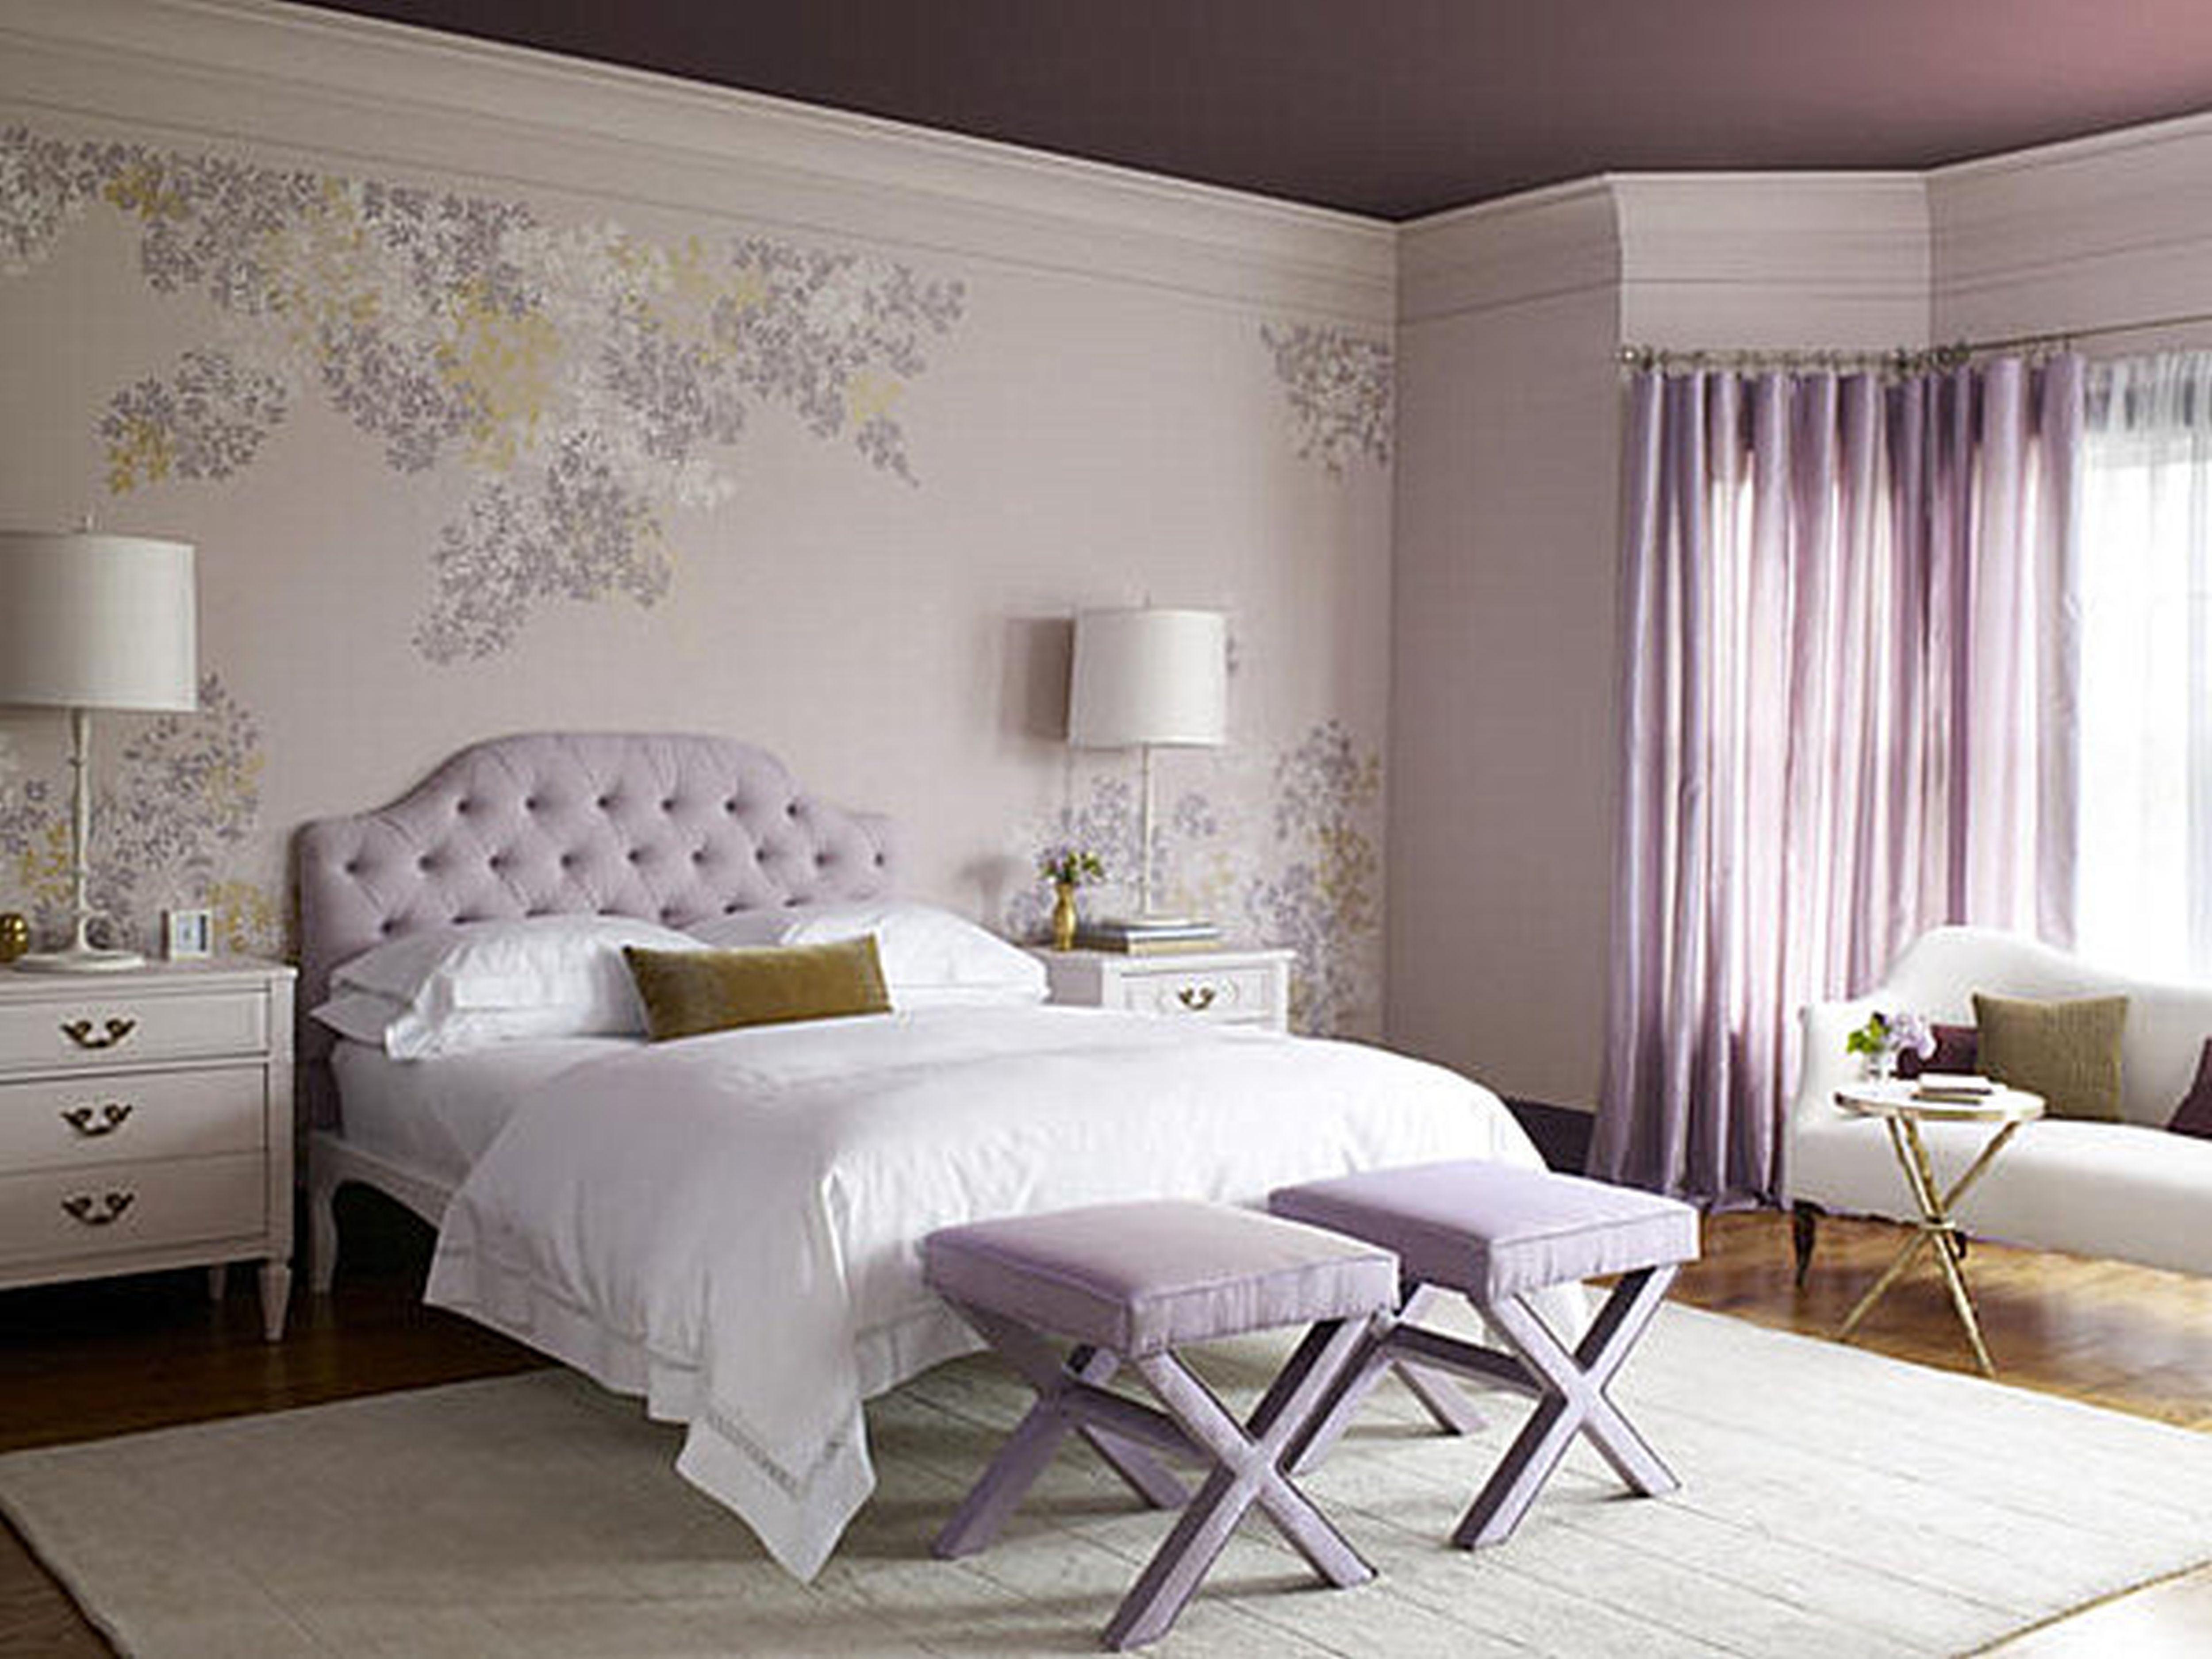 Ikea Design Bedroom Adorable Girls' Bedroom Style  Vintage Girls Bedrooms Bedroom Vintage And Decorating Inspiration